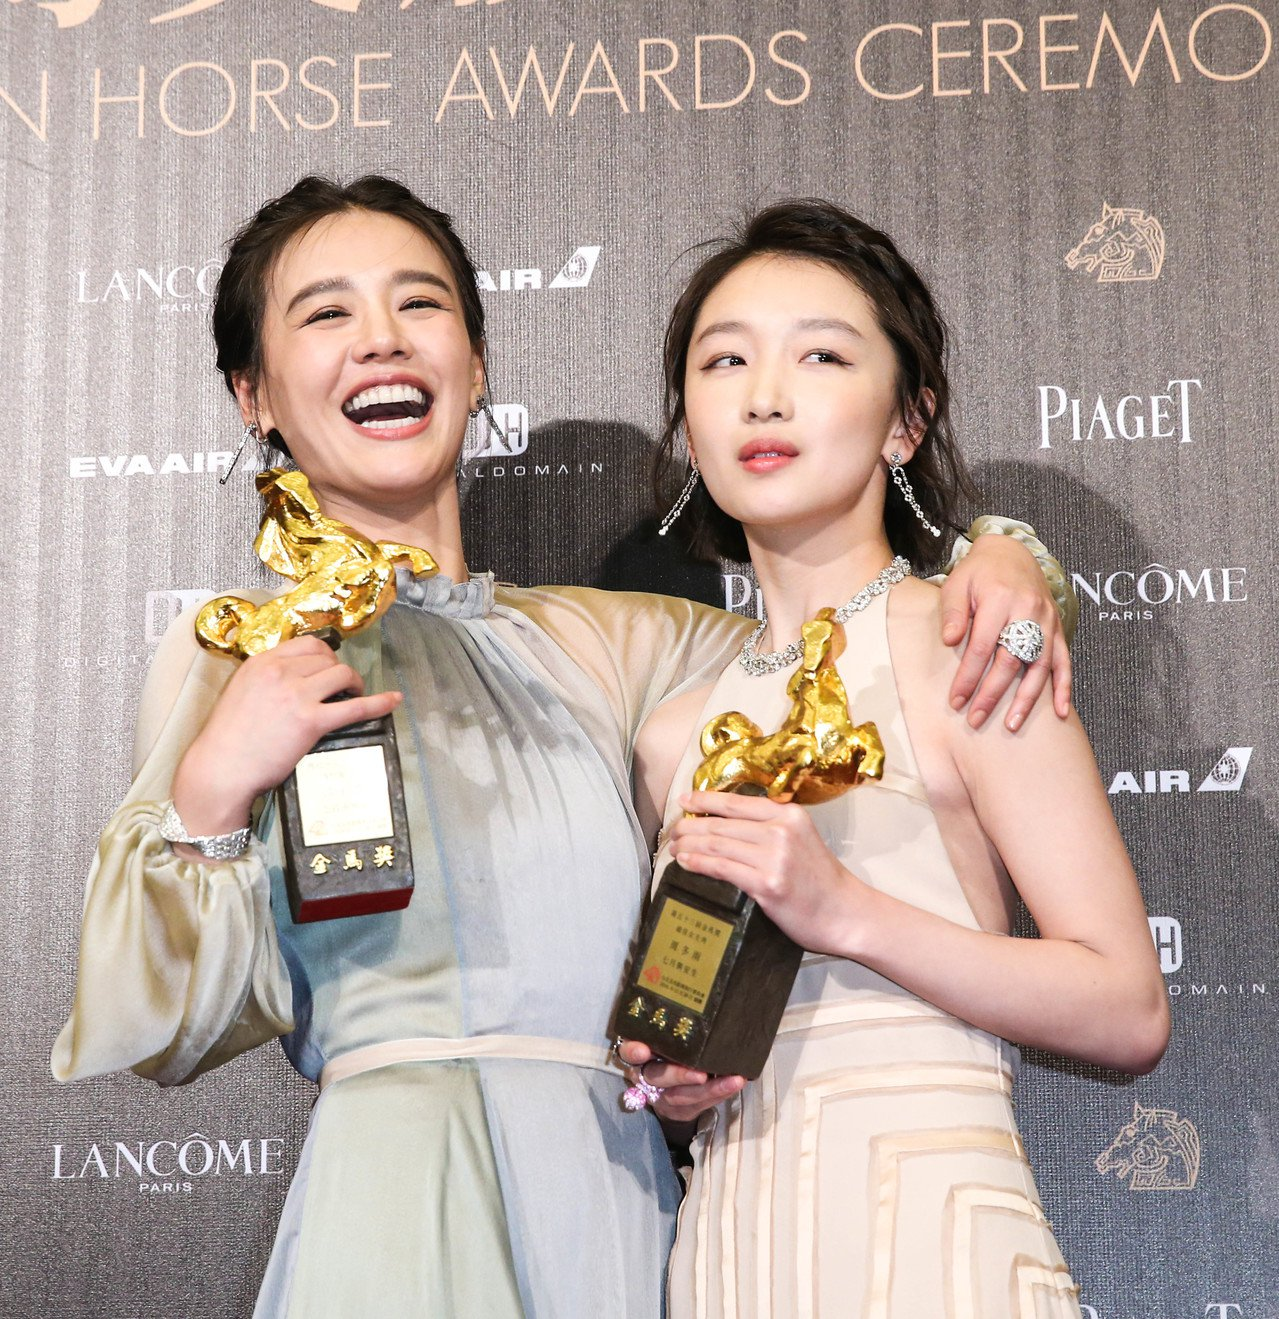 雙雙奪下金馬獎影后的周冬雨、馬思純,再度因「七月與安生」同時入圍香港電影金像獎最